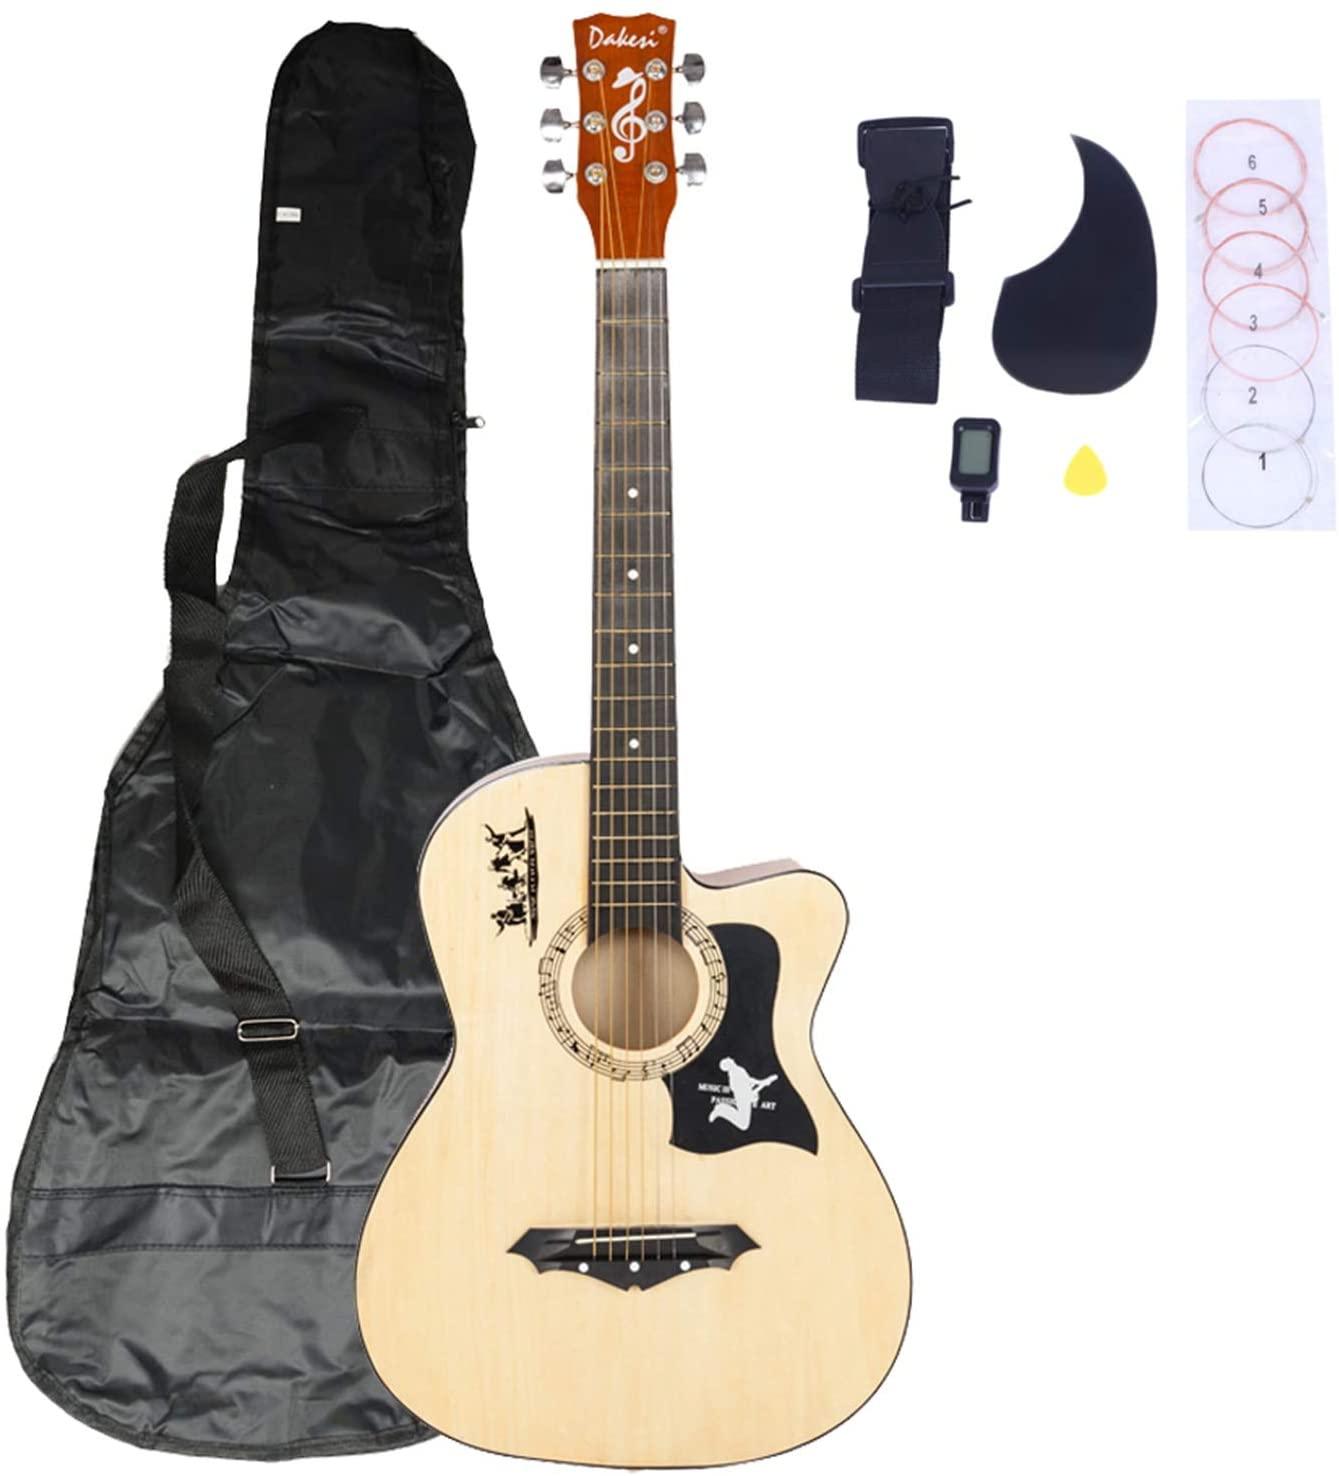 DK-38C Basswood Guitar Bag, Straps, Picks, LCD Tuner, Pickguard, String Set Wood Color - Beginner Guitar Starter Student Guitar